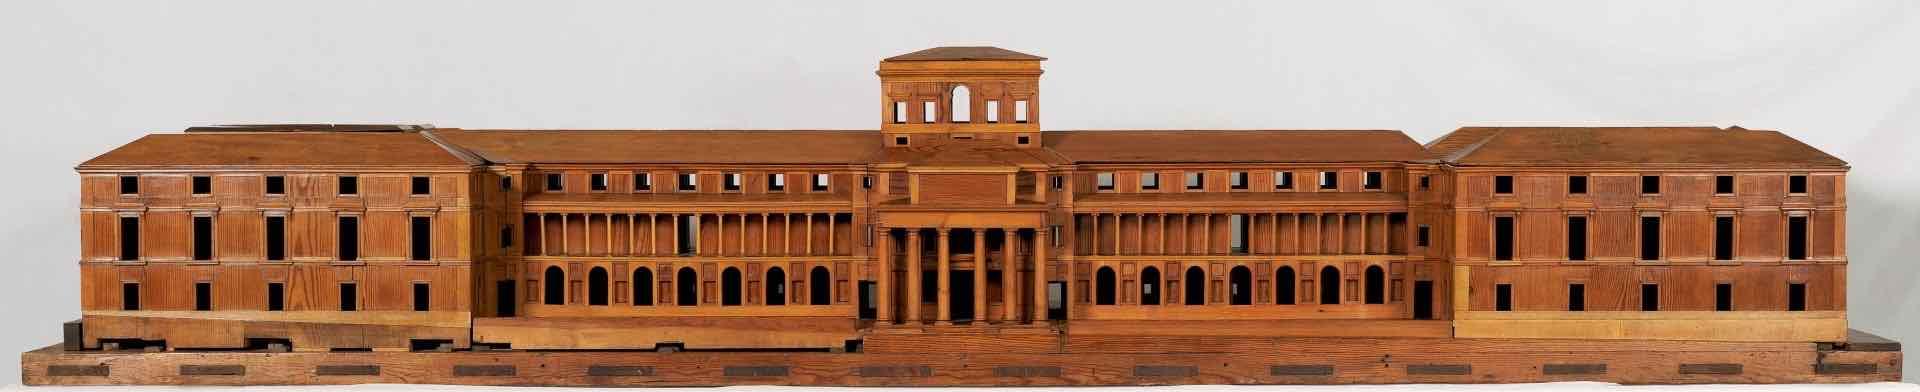 [1787] Model Natuurhistorisch kabinet - Prado Museum Madrid